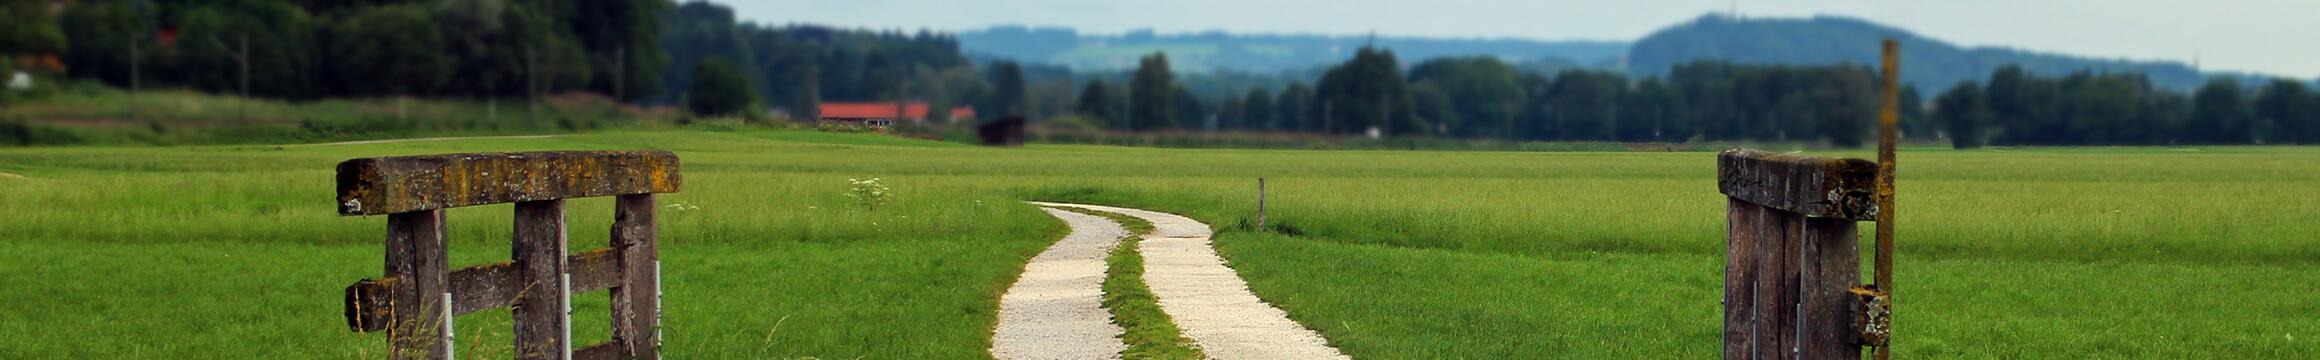 Rural 04